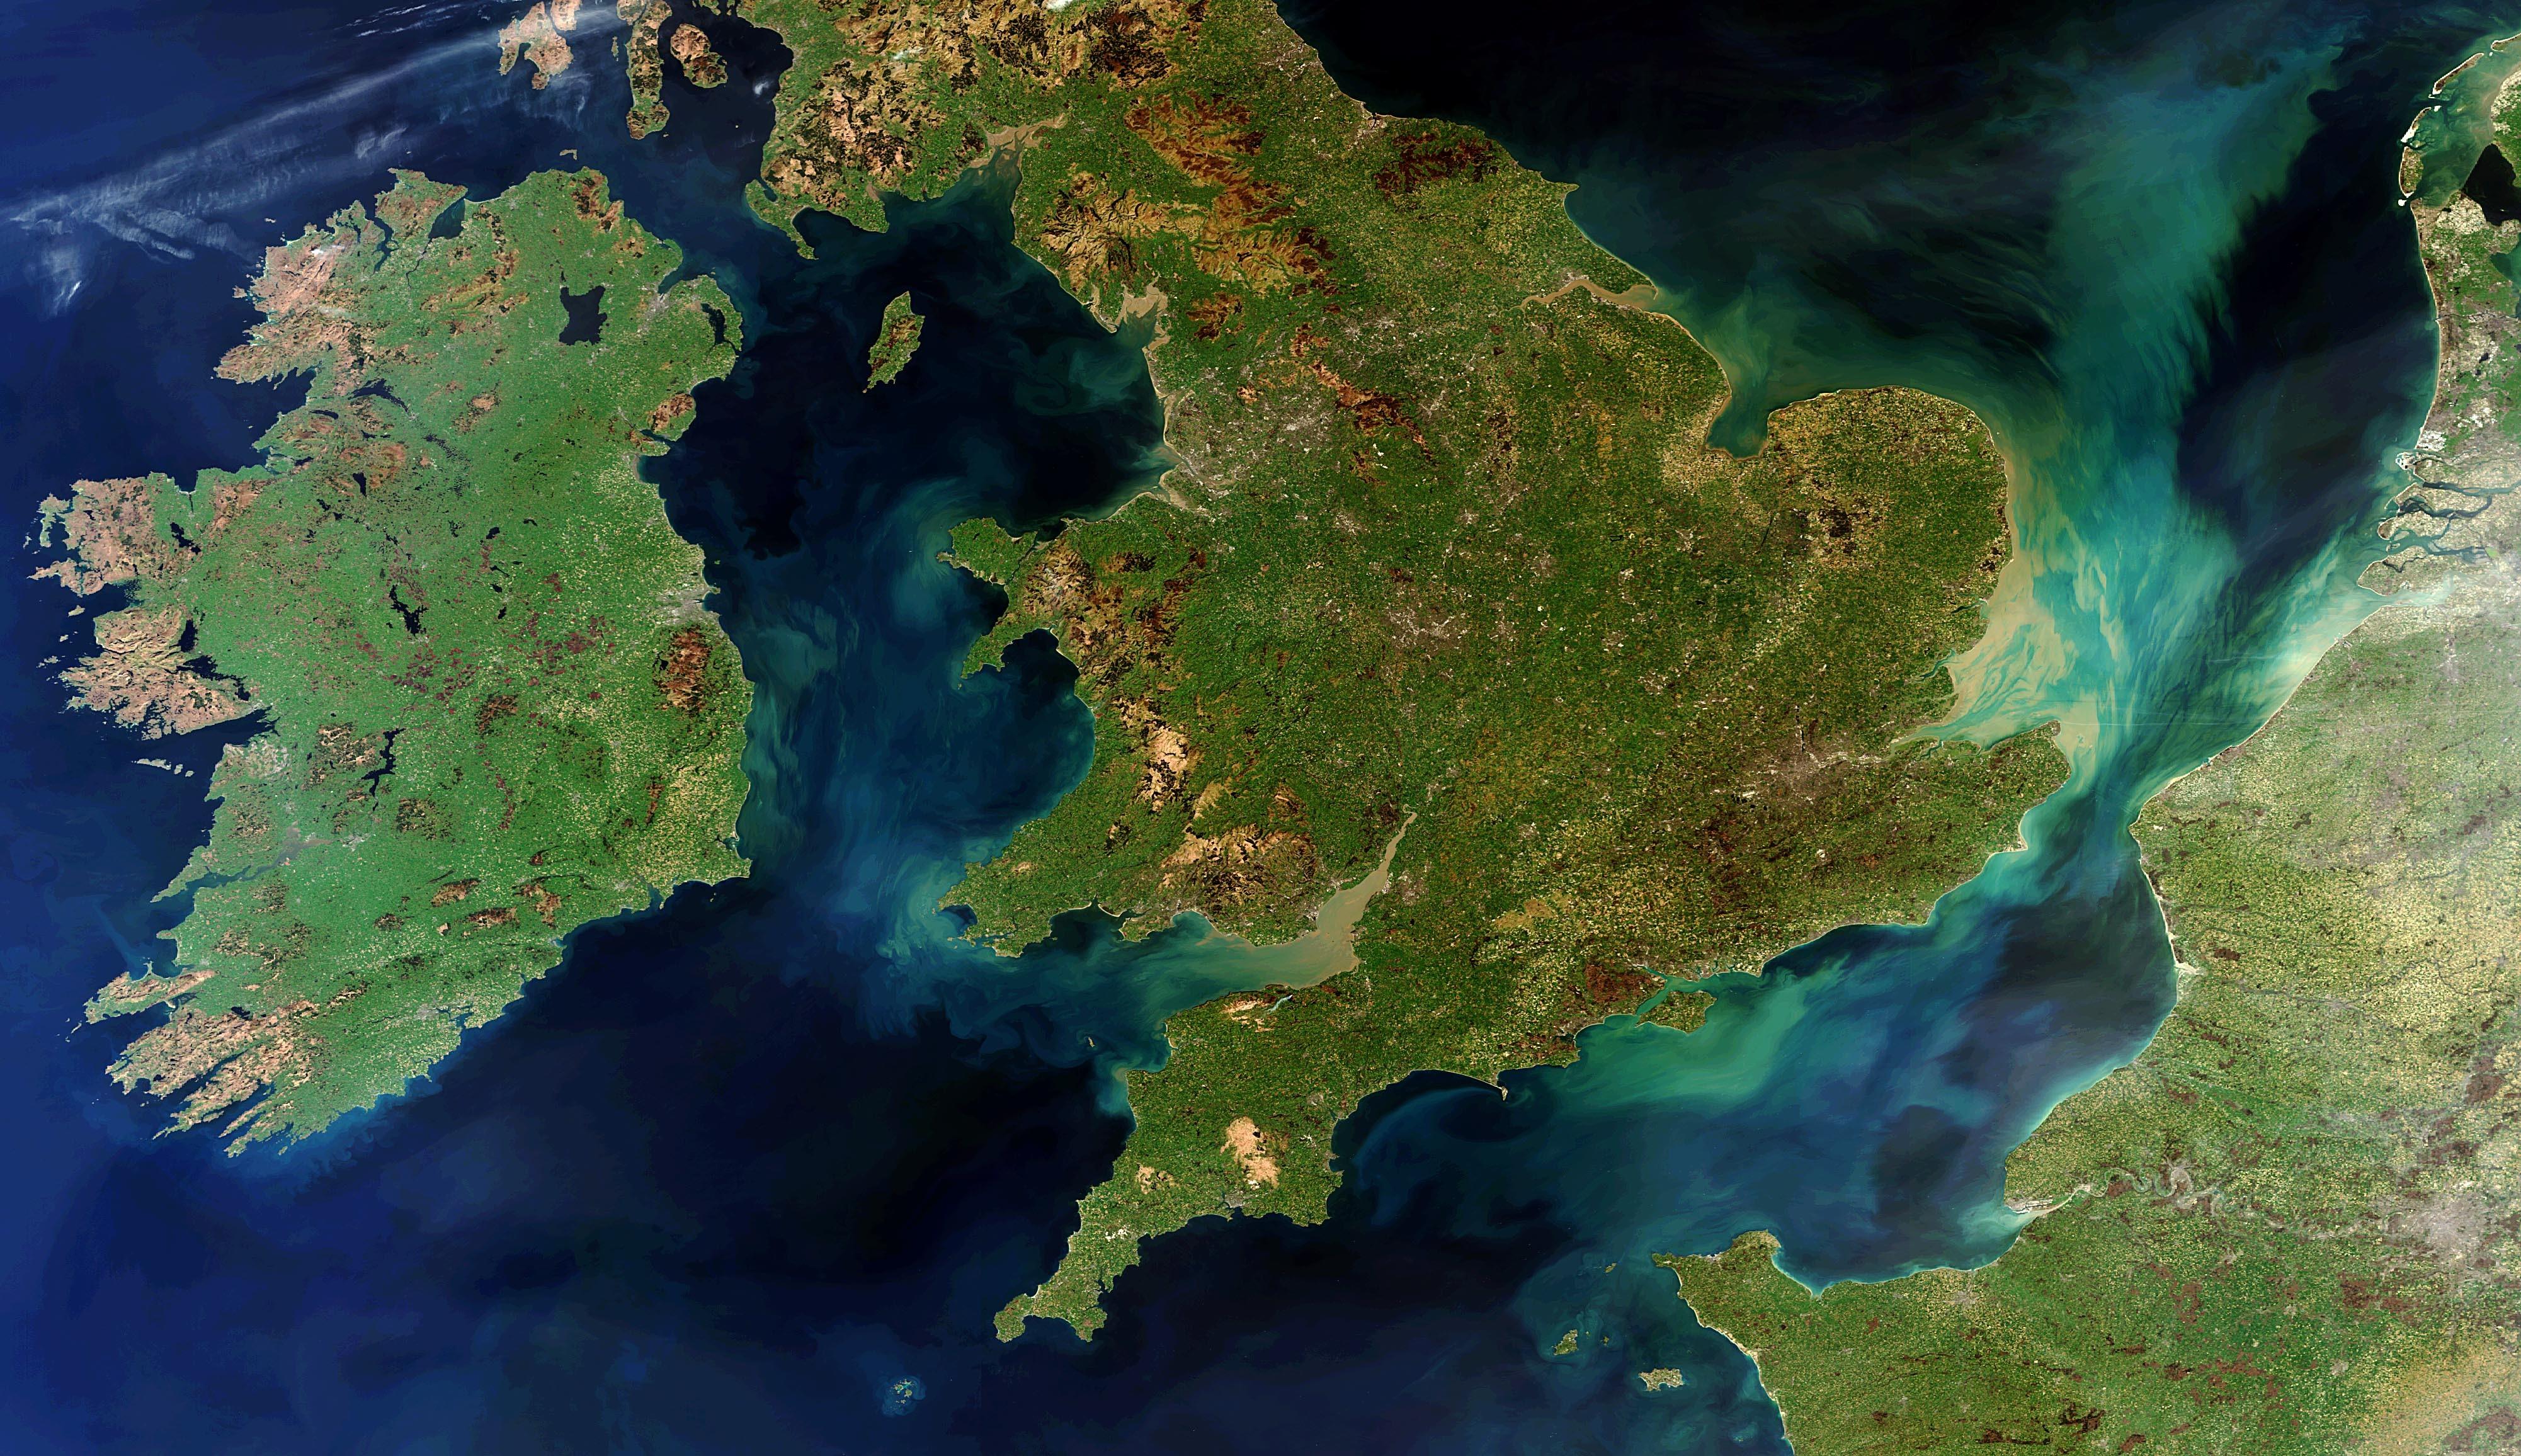 еще картинки ландшафта европы спутник то